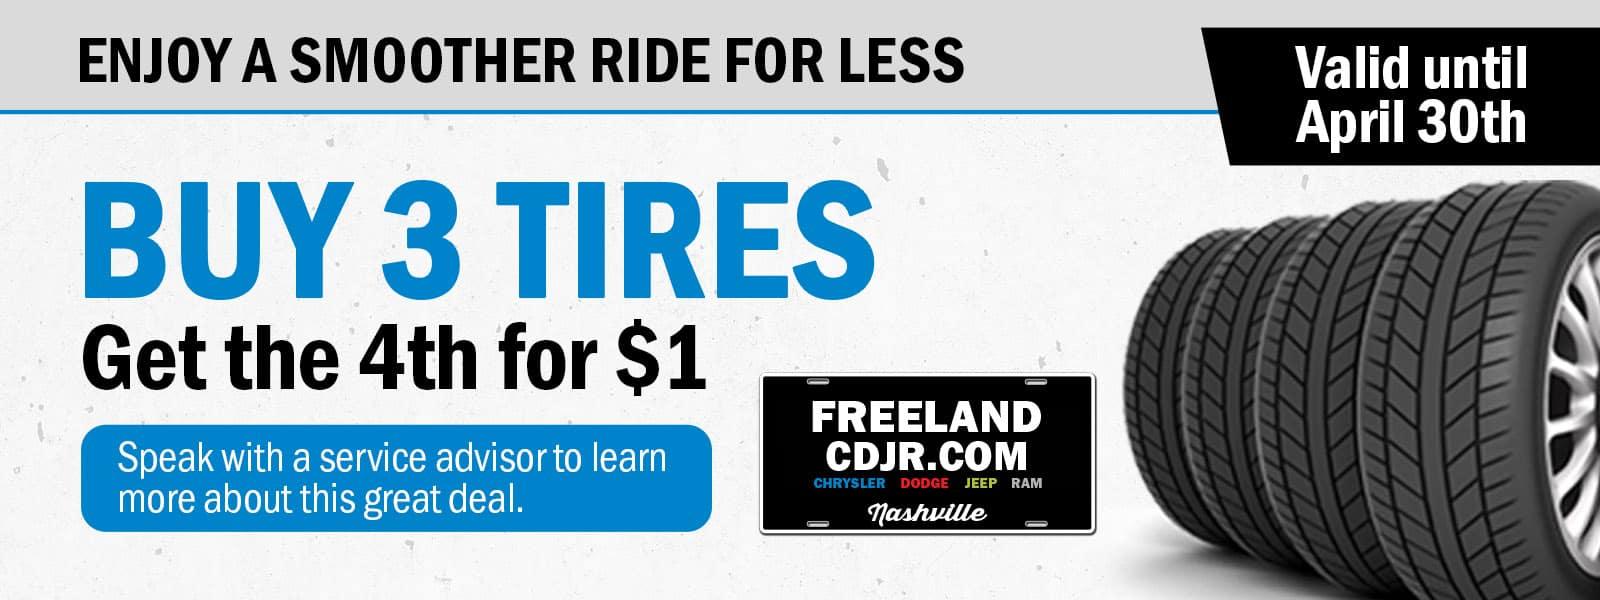 CDJR Tire Special